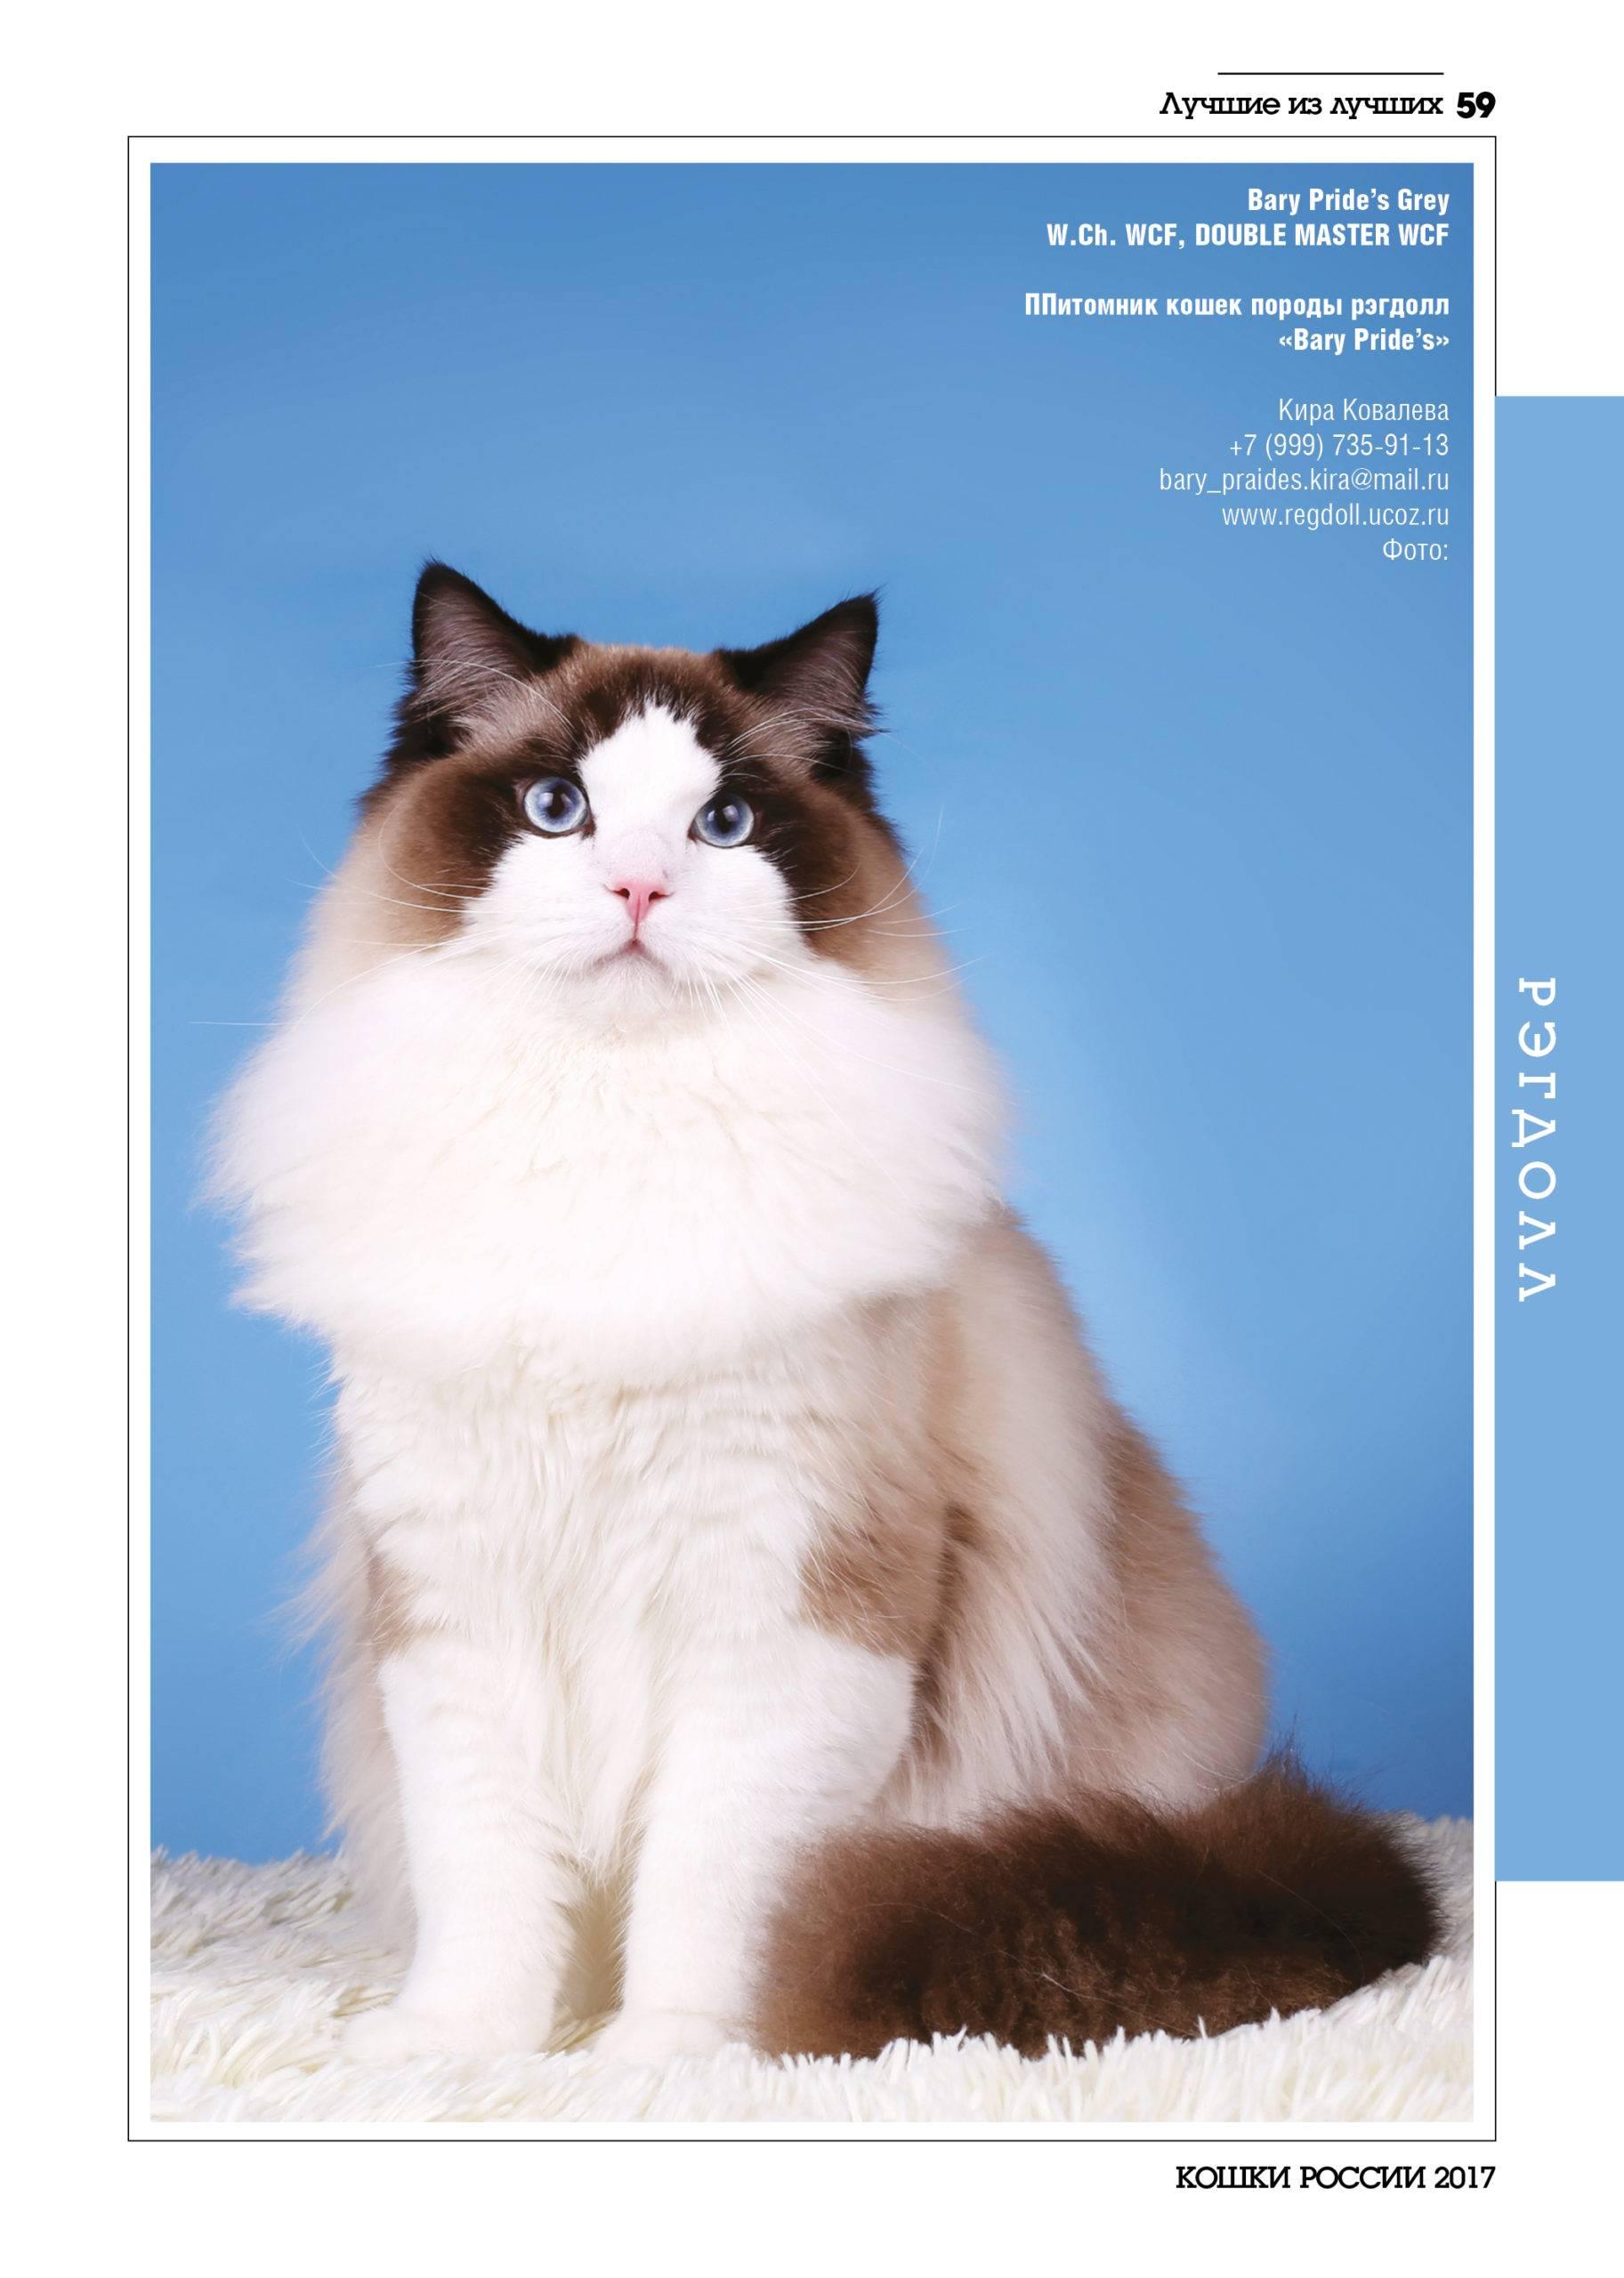 Рэгдолл (фото): порода добродушных кошачьих гигантов из америки